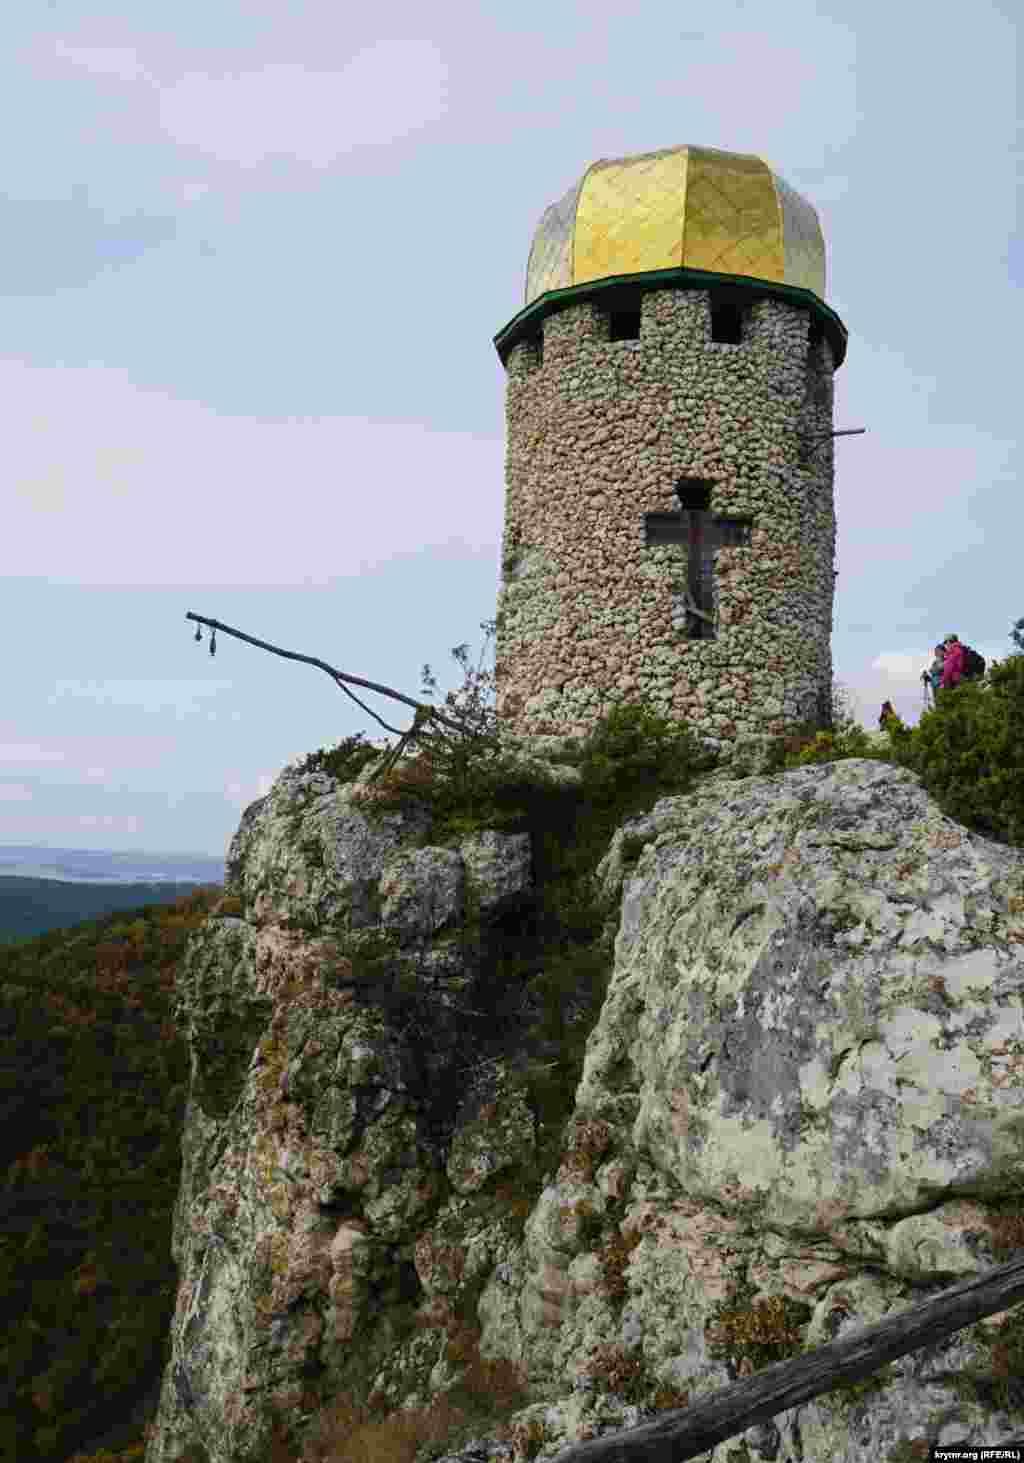 Печерний монастир Шулдан (перекладається як «той, що дає луну» або «неприступне місце») розташований на північ від села Тернівка